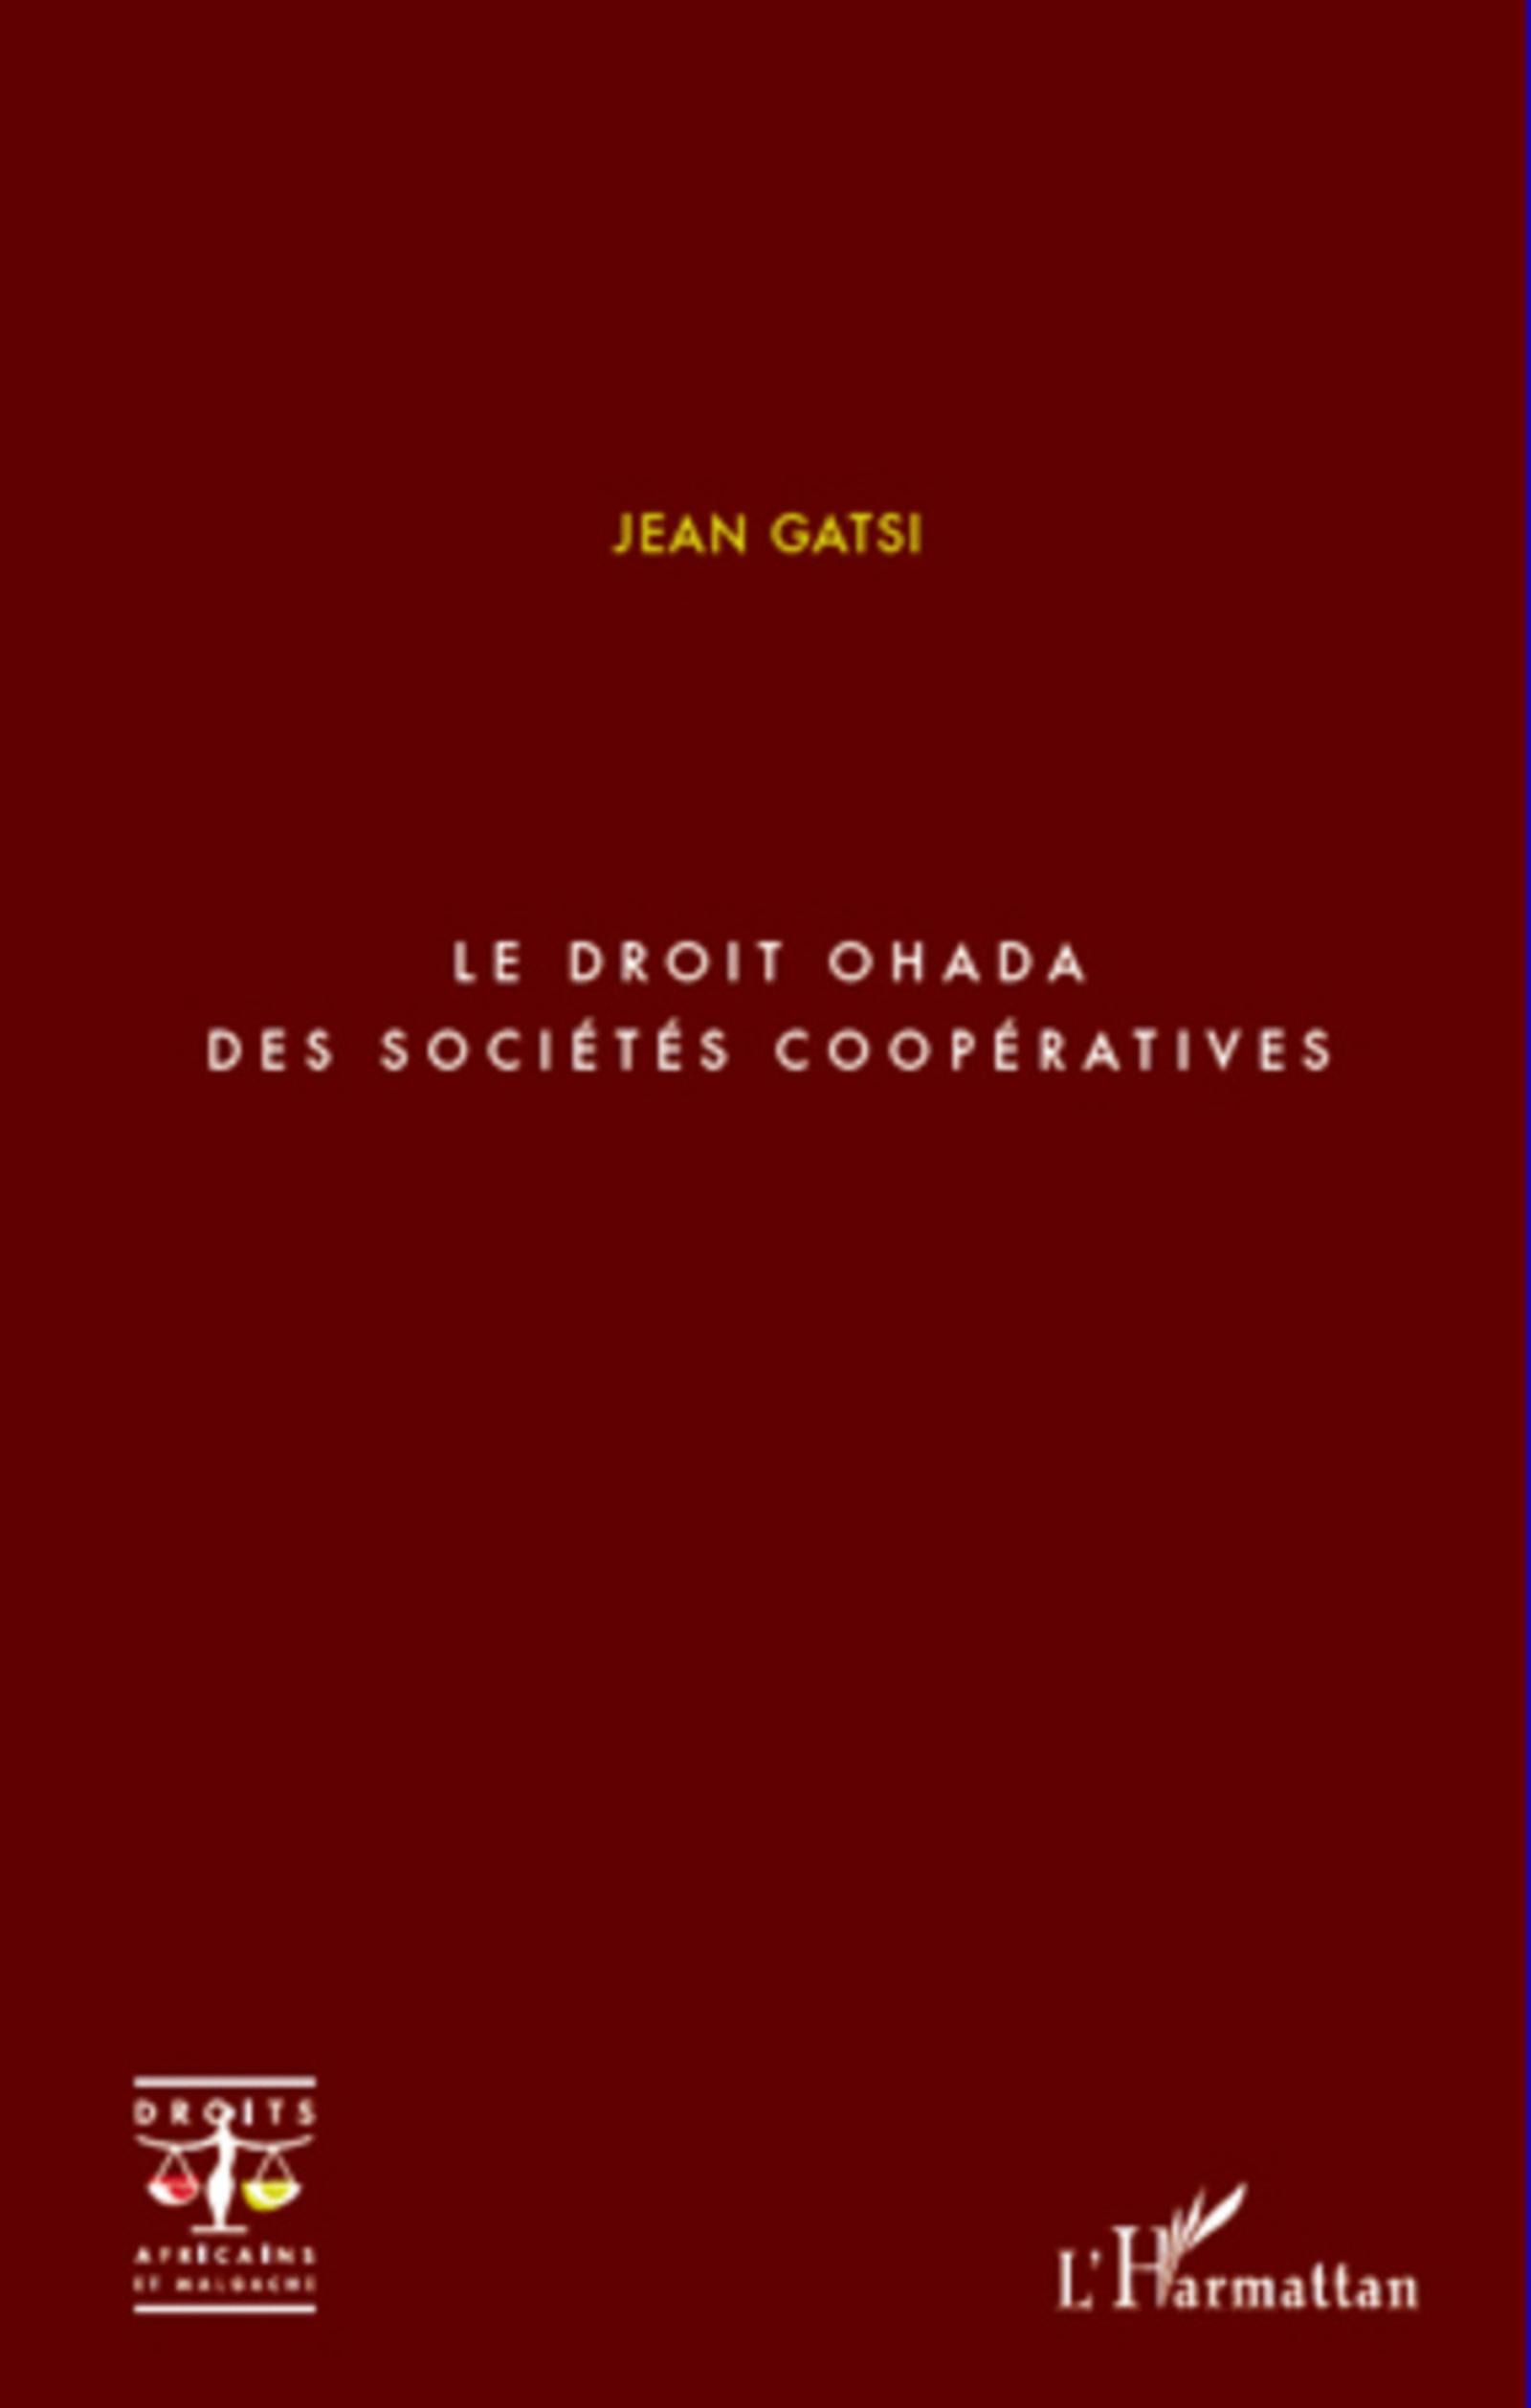 Le droit OHADA des sociétés coopératives